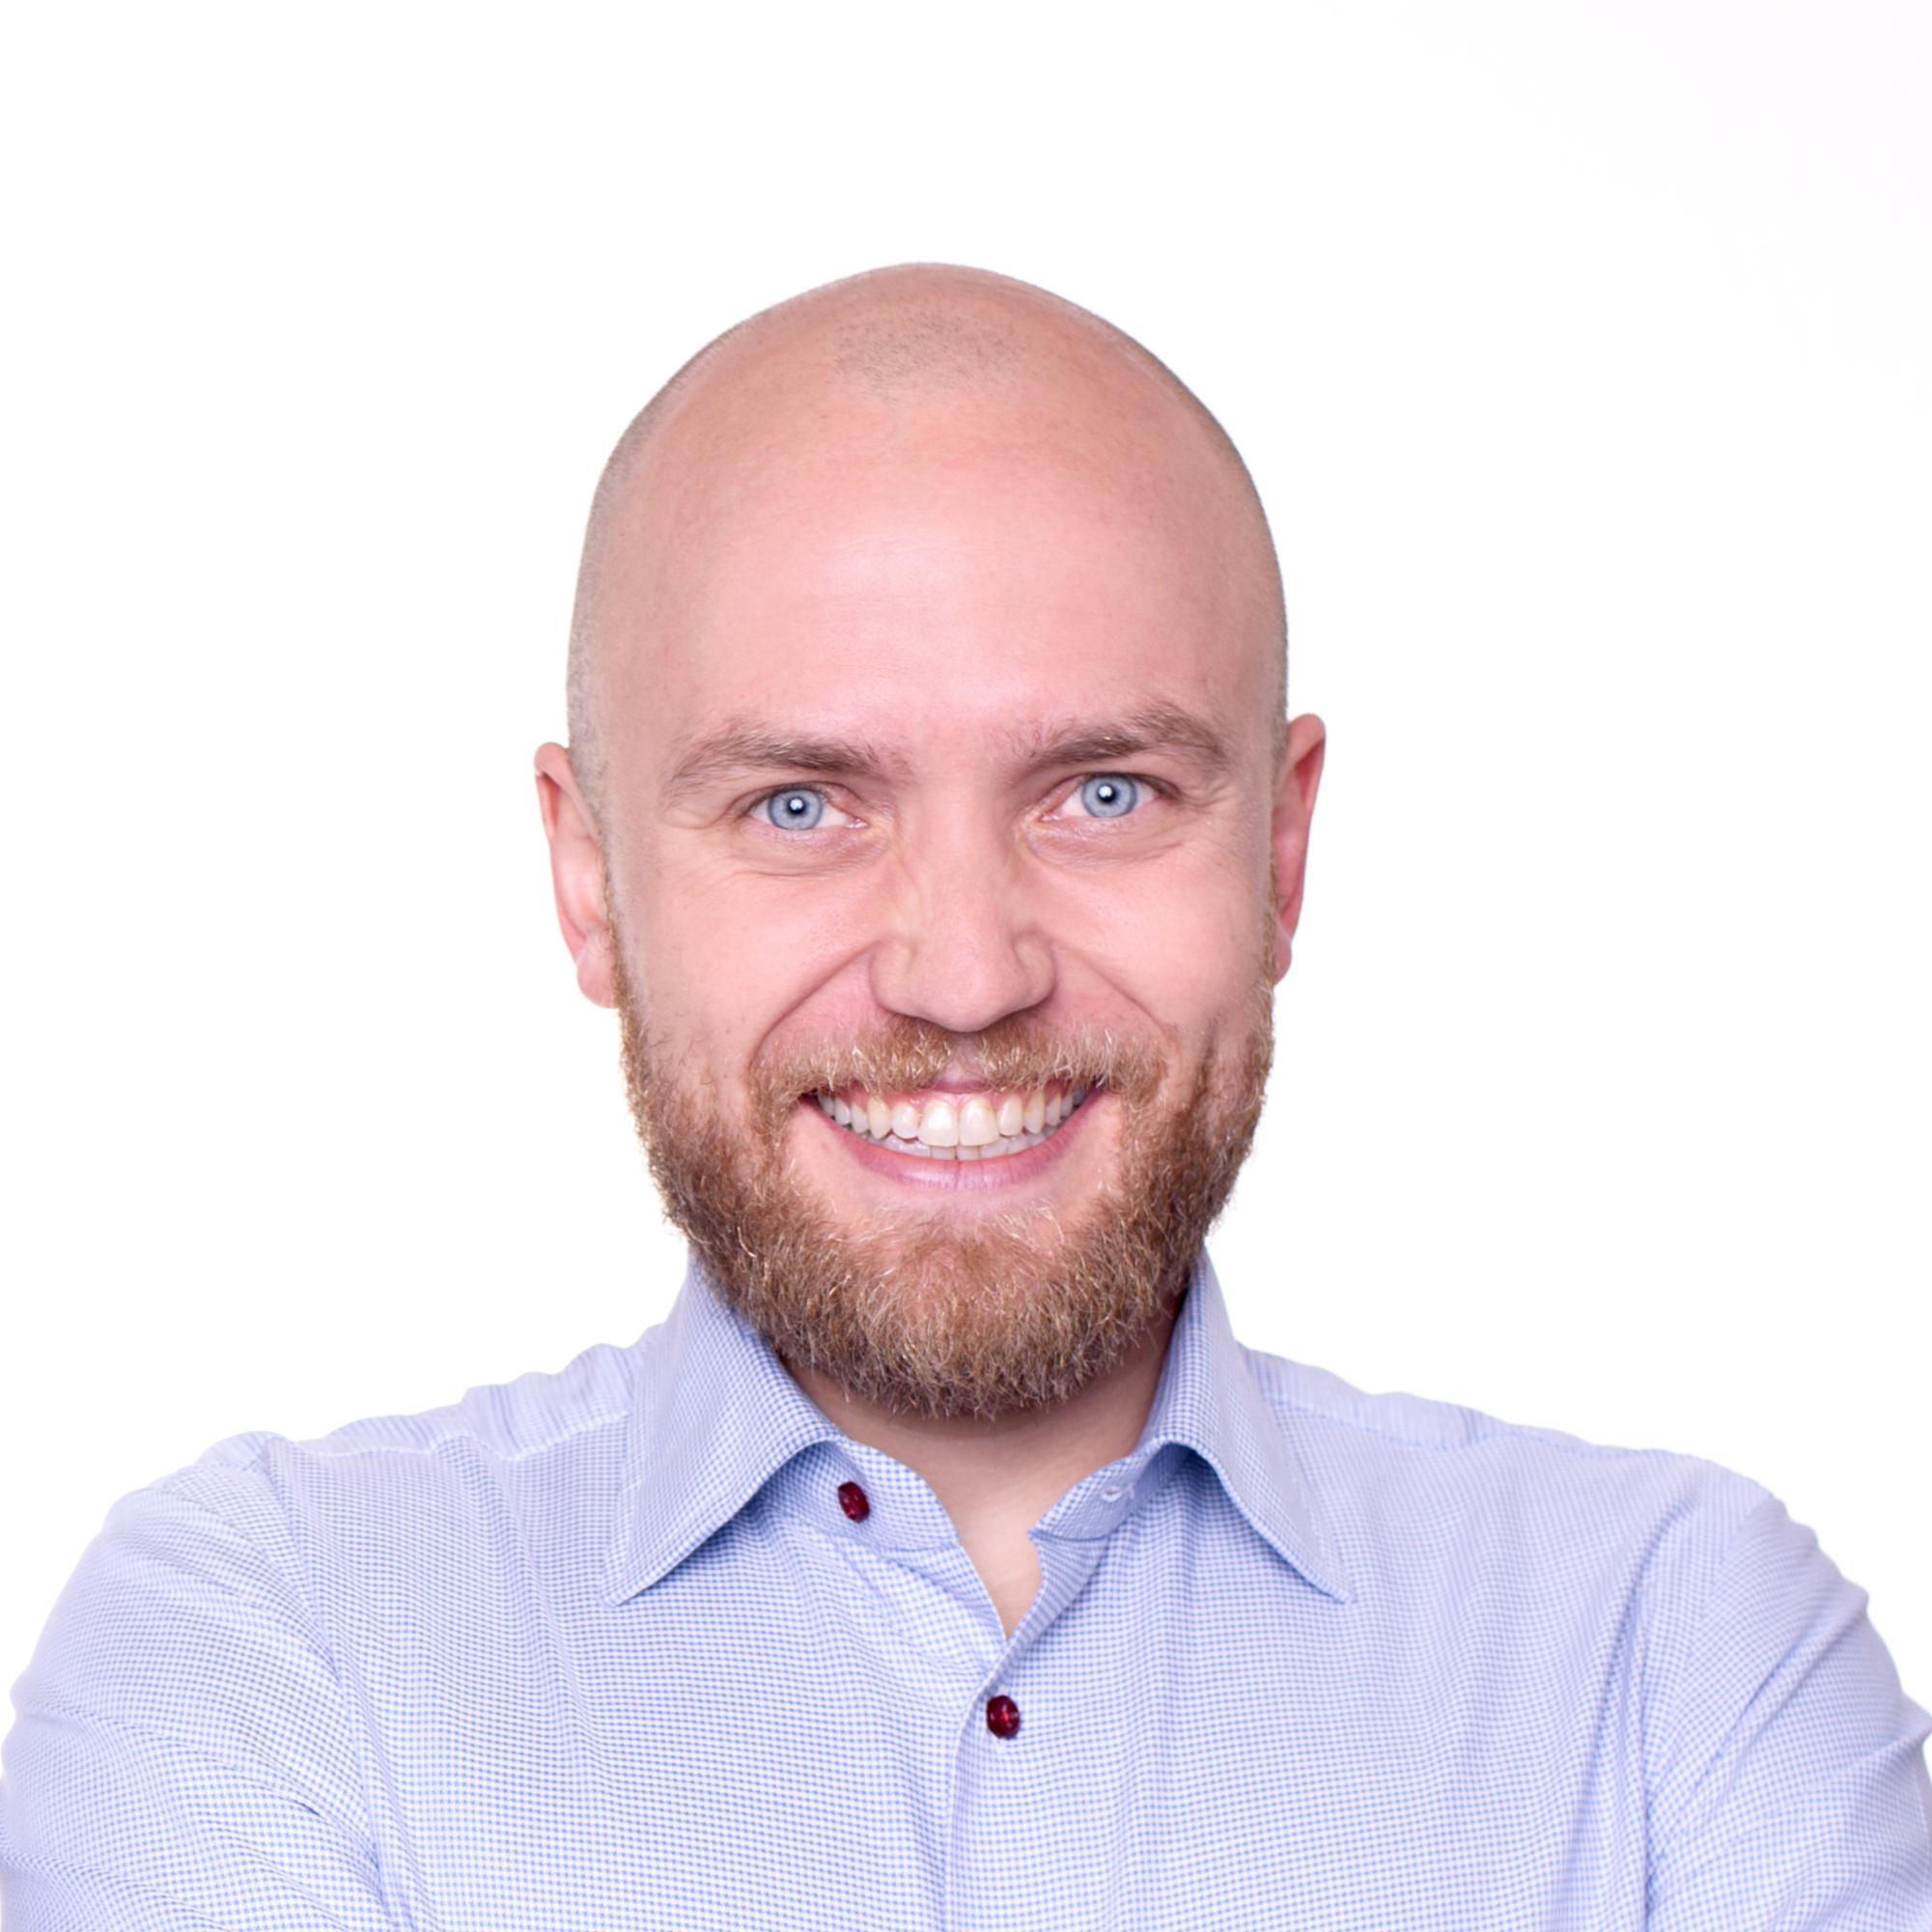 Daniel Gamrot